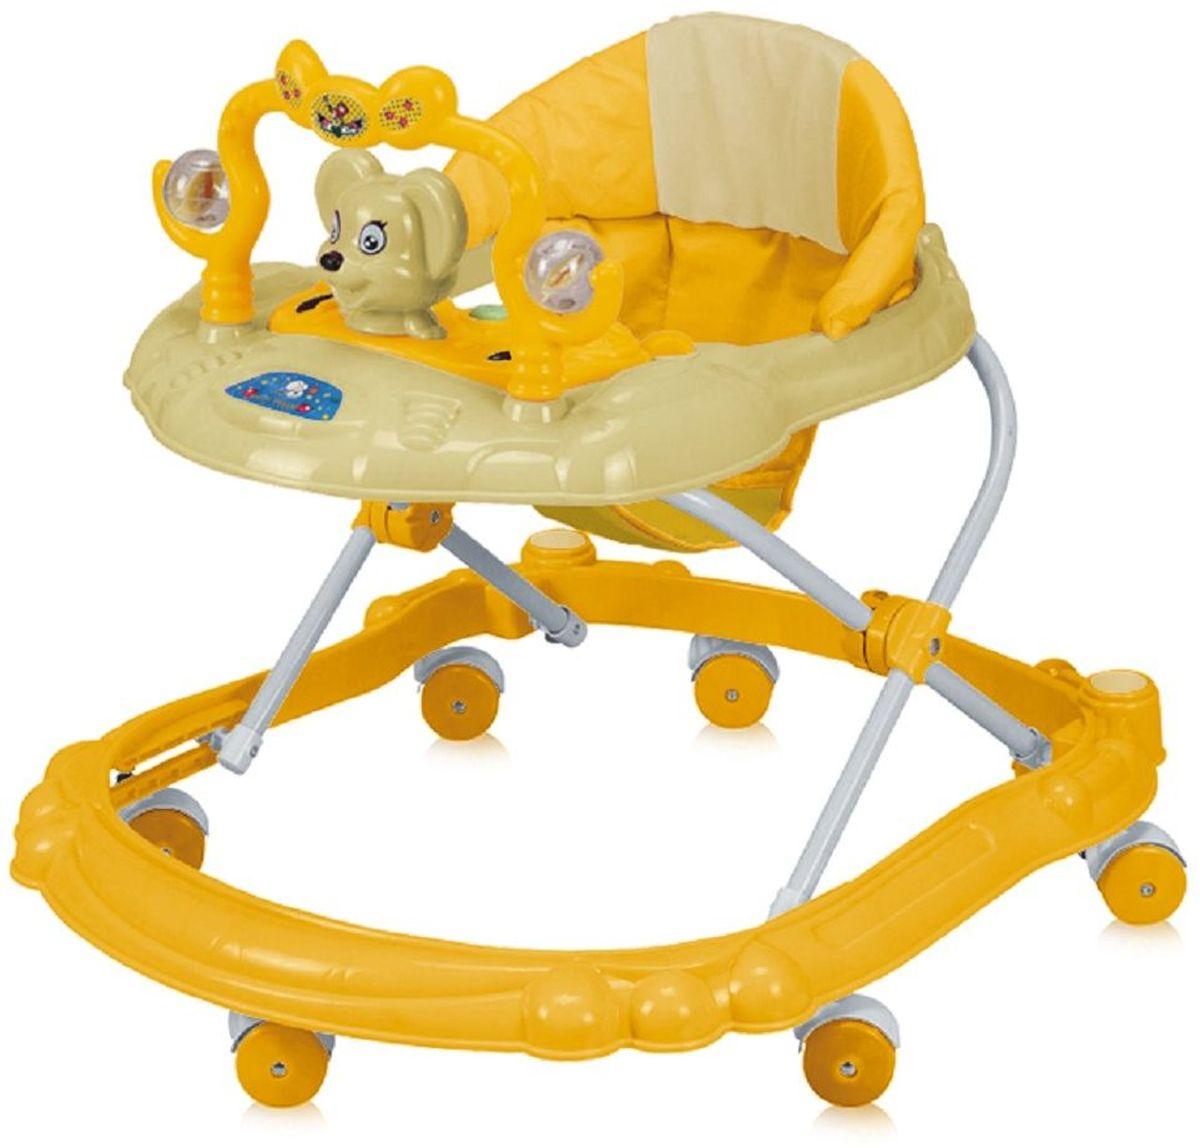 Bertoni Ходунки BW 2808 цвет желтый -  Ходунки, прыгунки, качалки